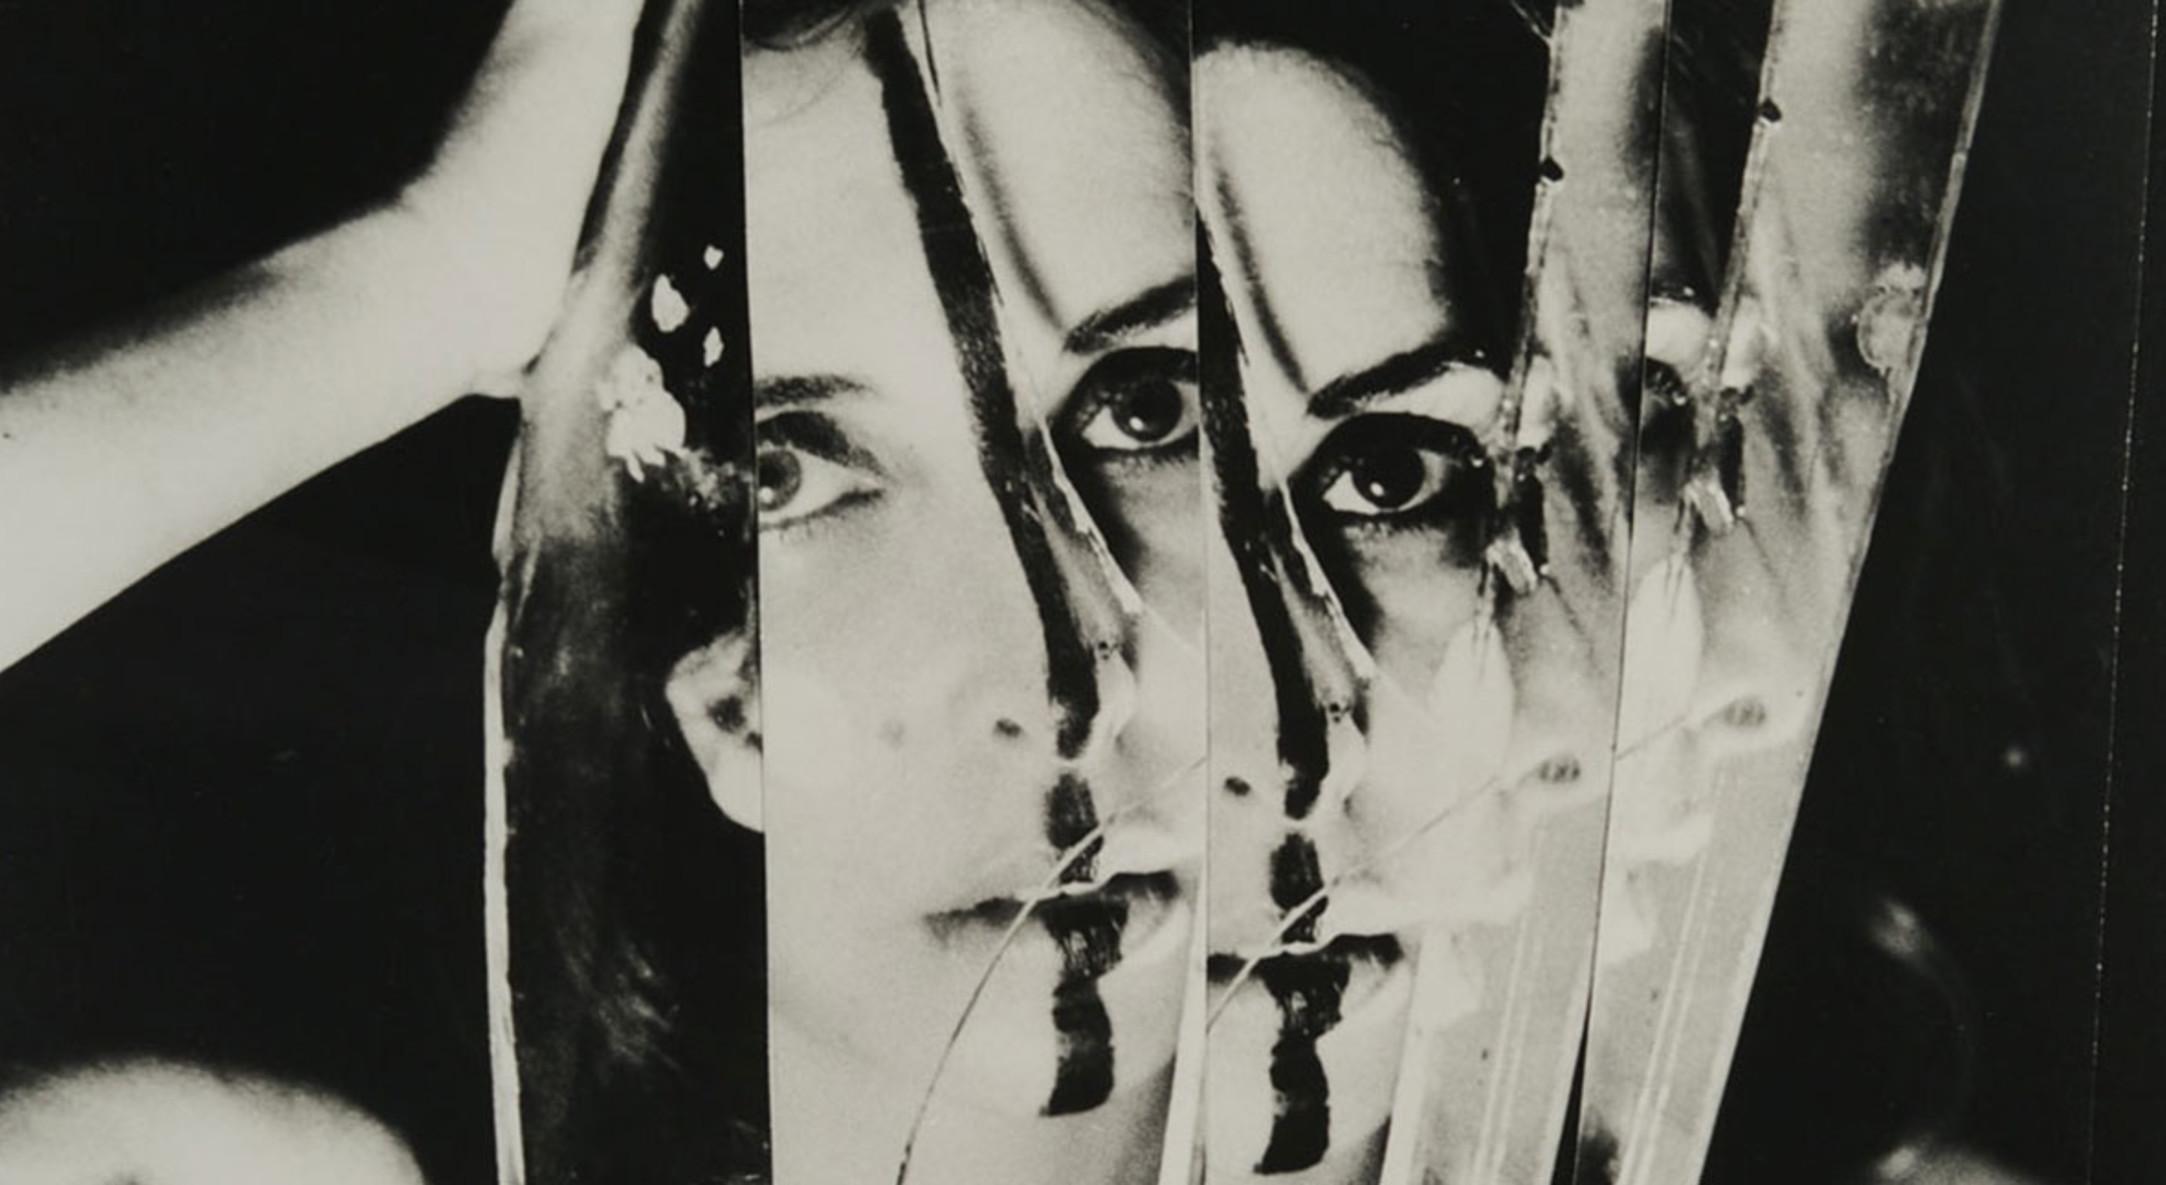 Carolee Schneemann, Eye Body #11, 1963. Image courtesy the Schneemann studio.